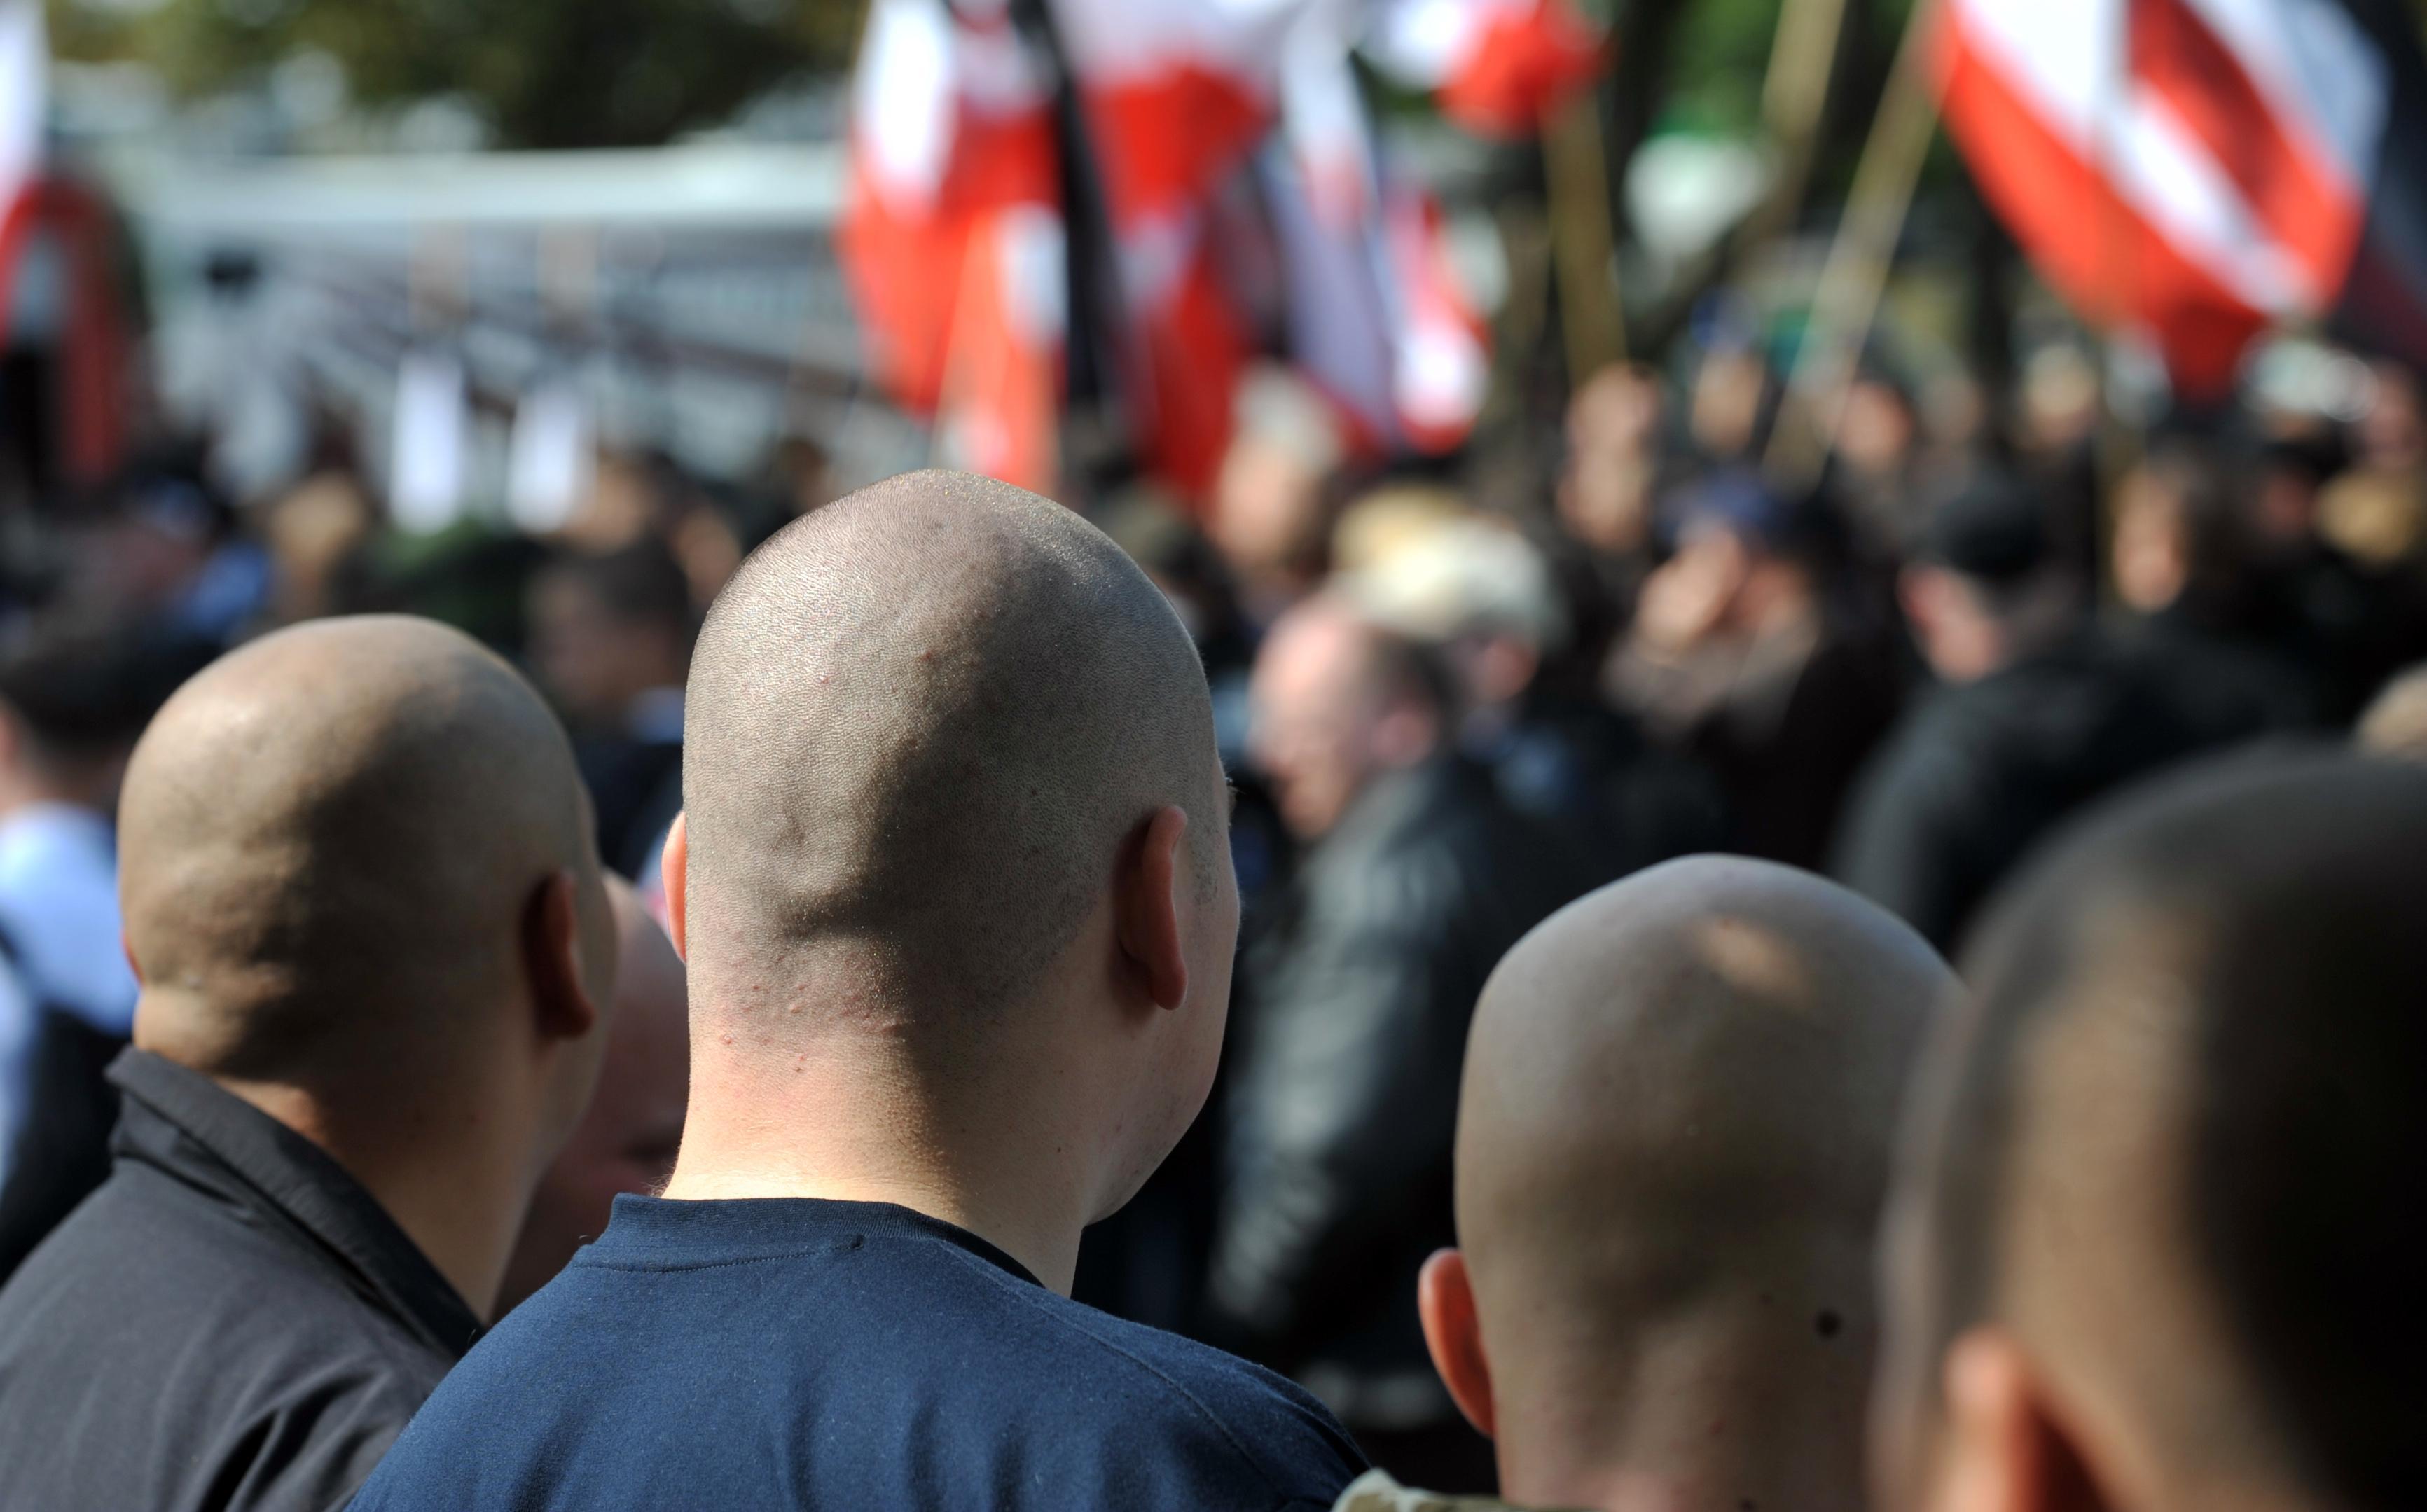 Kriminalität: Bericht: Verfassungsschutz registrierte 2018 Zunahme rechter Gewalt